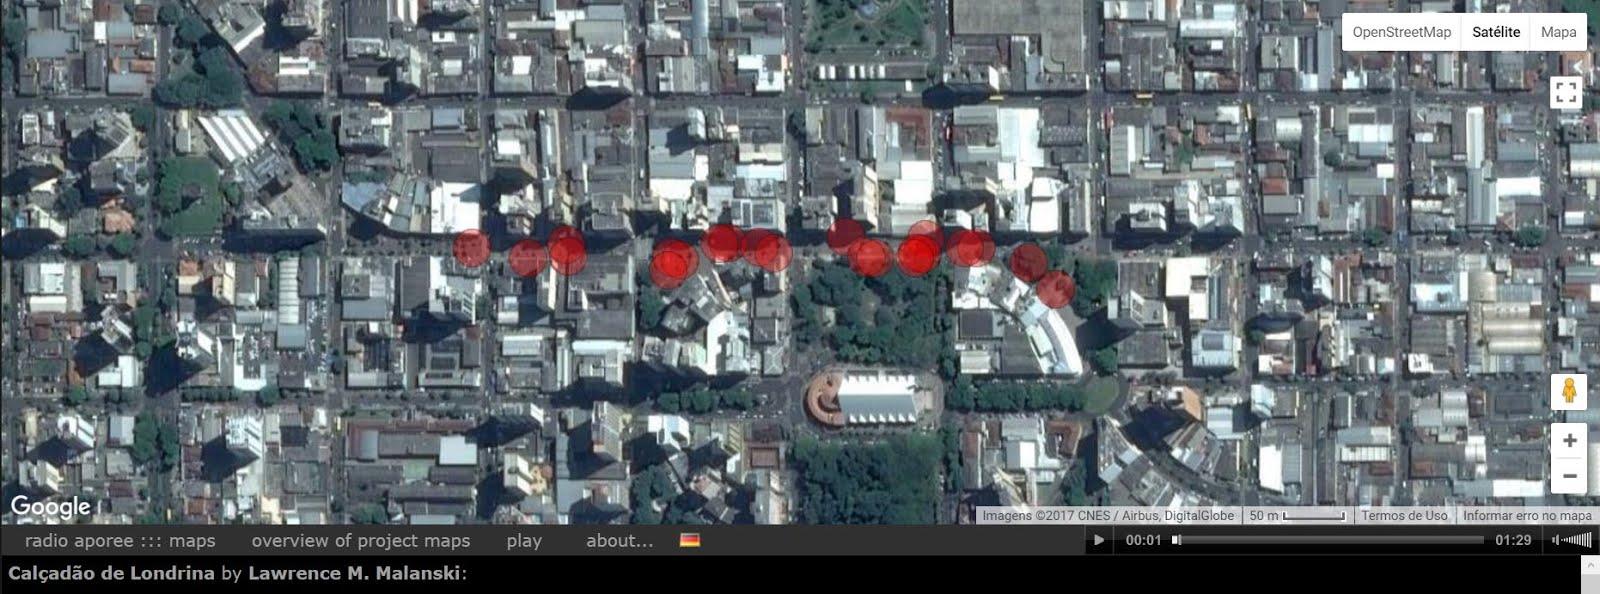 Mapa sonoro do Calçadão de Londrina